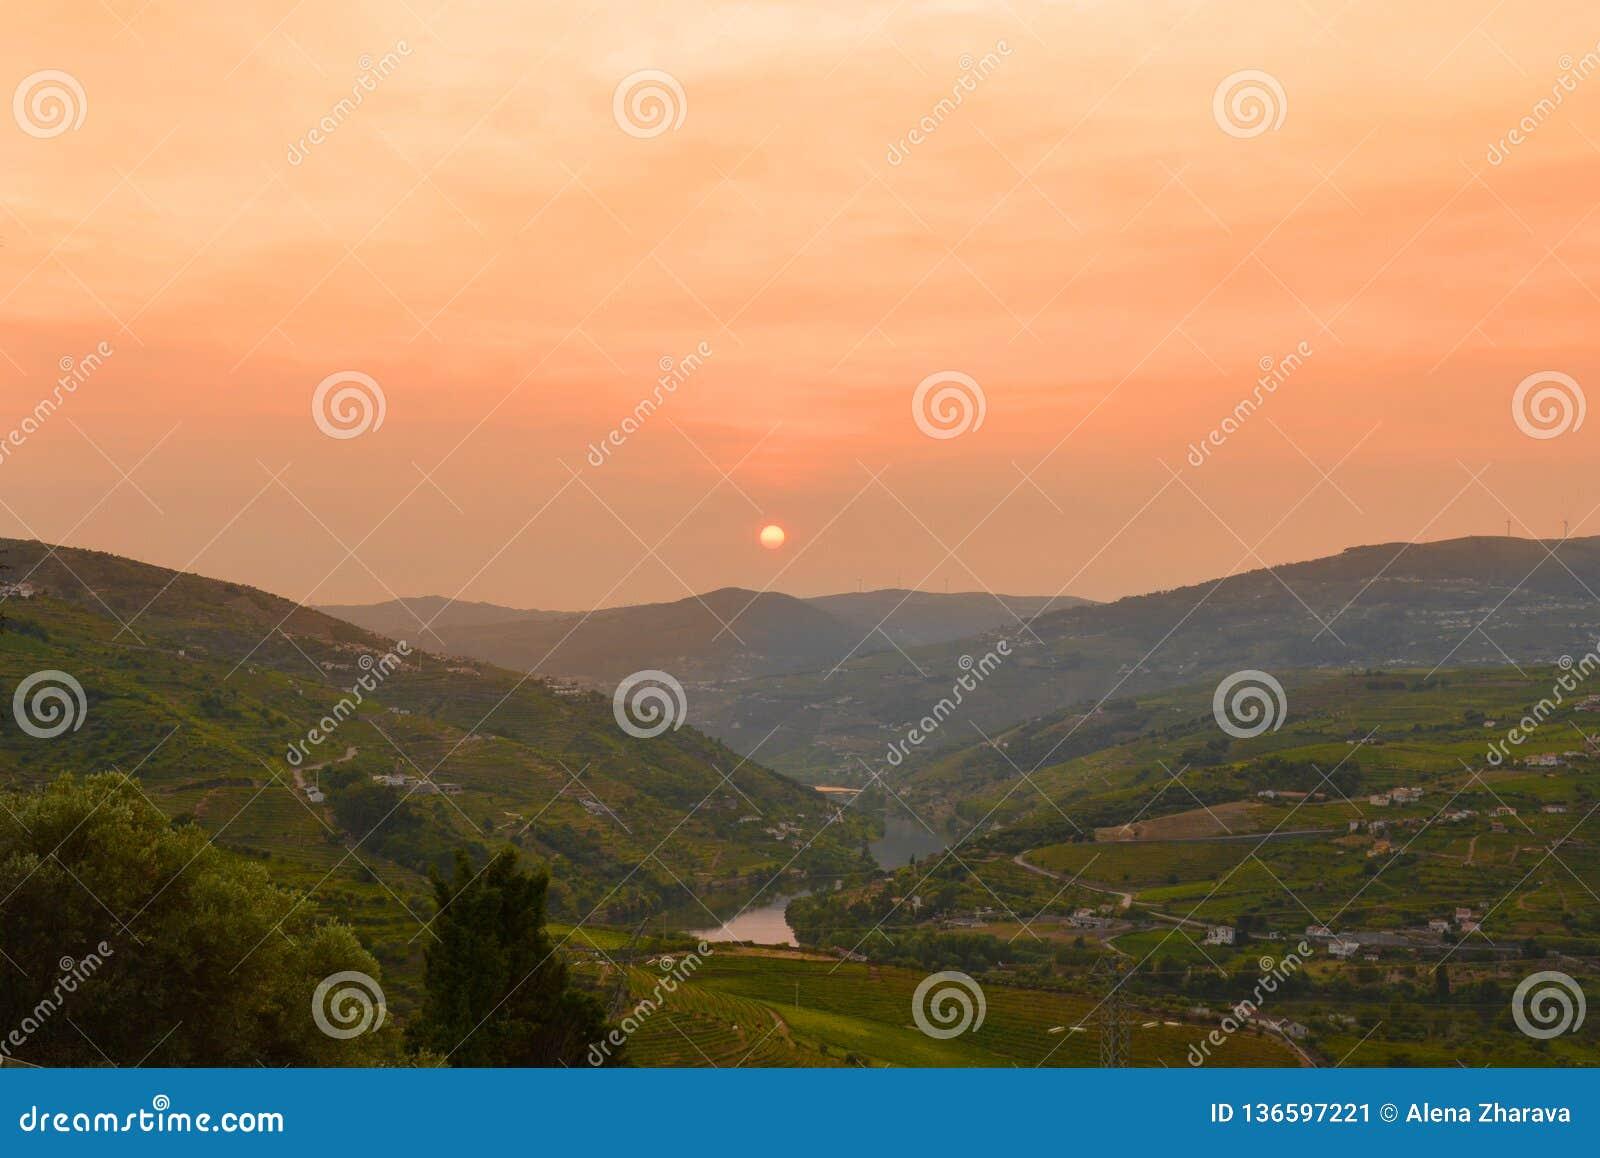 Vinhedos no Douro River Valley entre Peso de Regua e Pinhao, Portugal